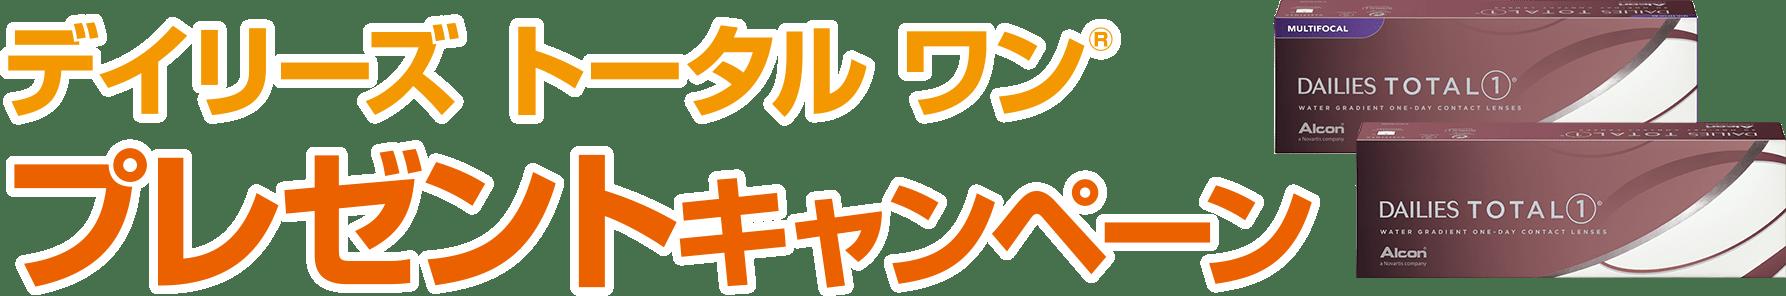 デイリーズ トータル ワン® プレゼントキャンペーン